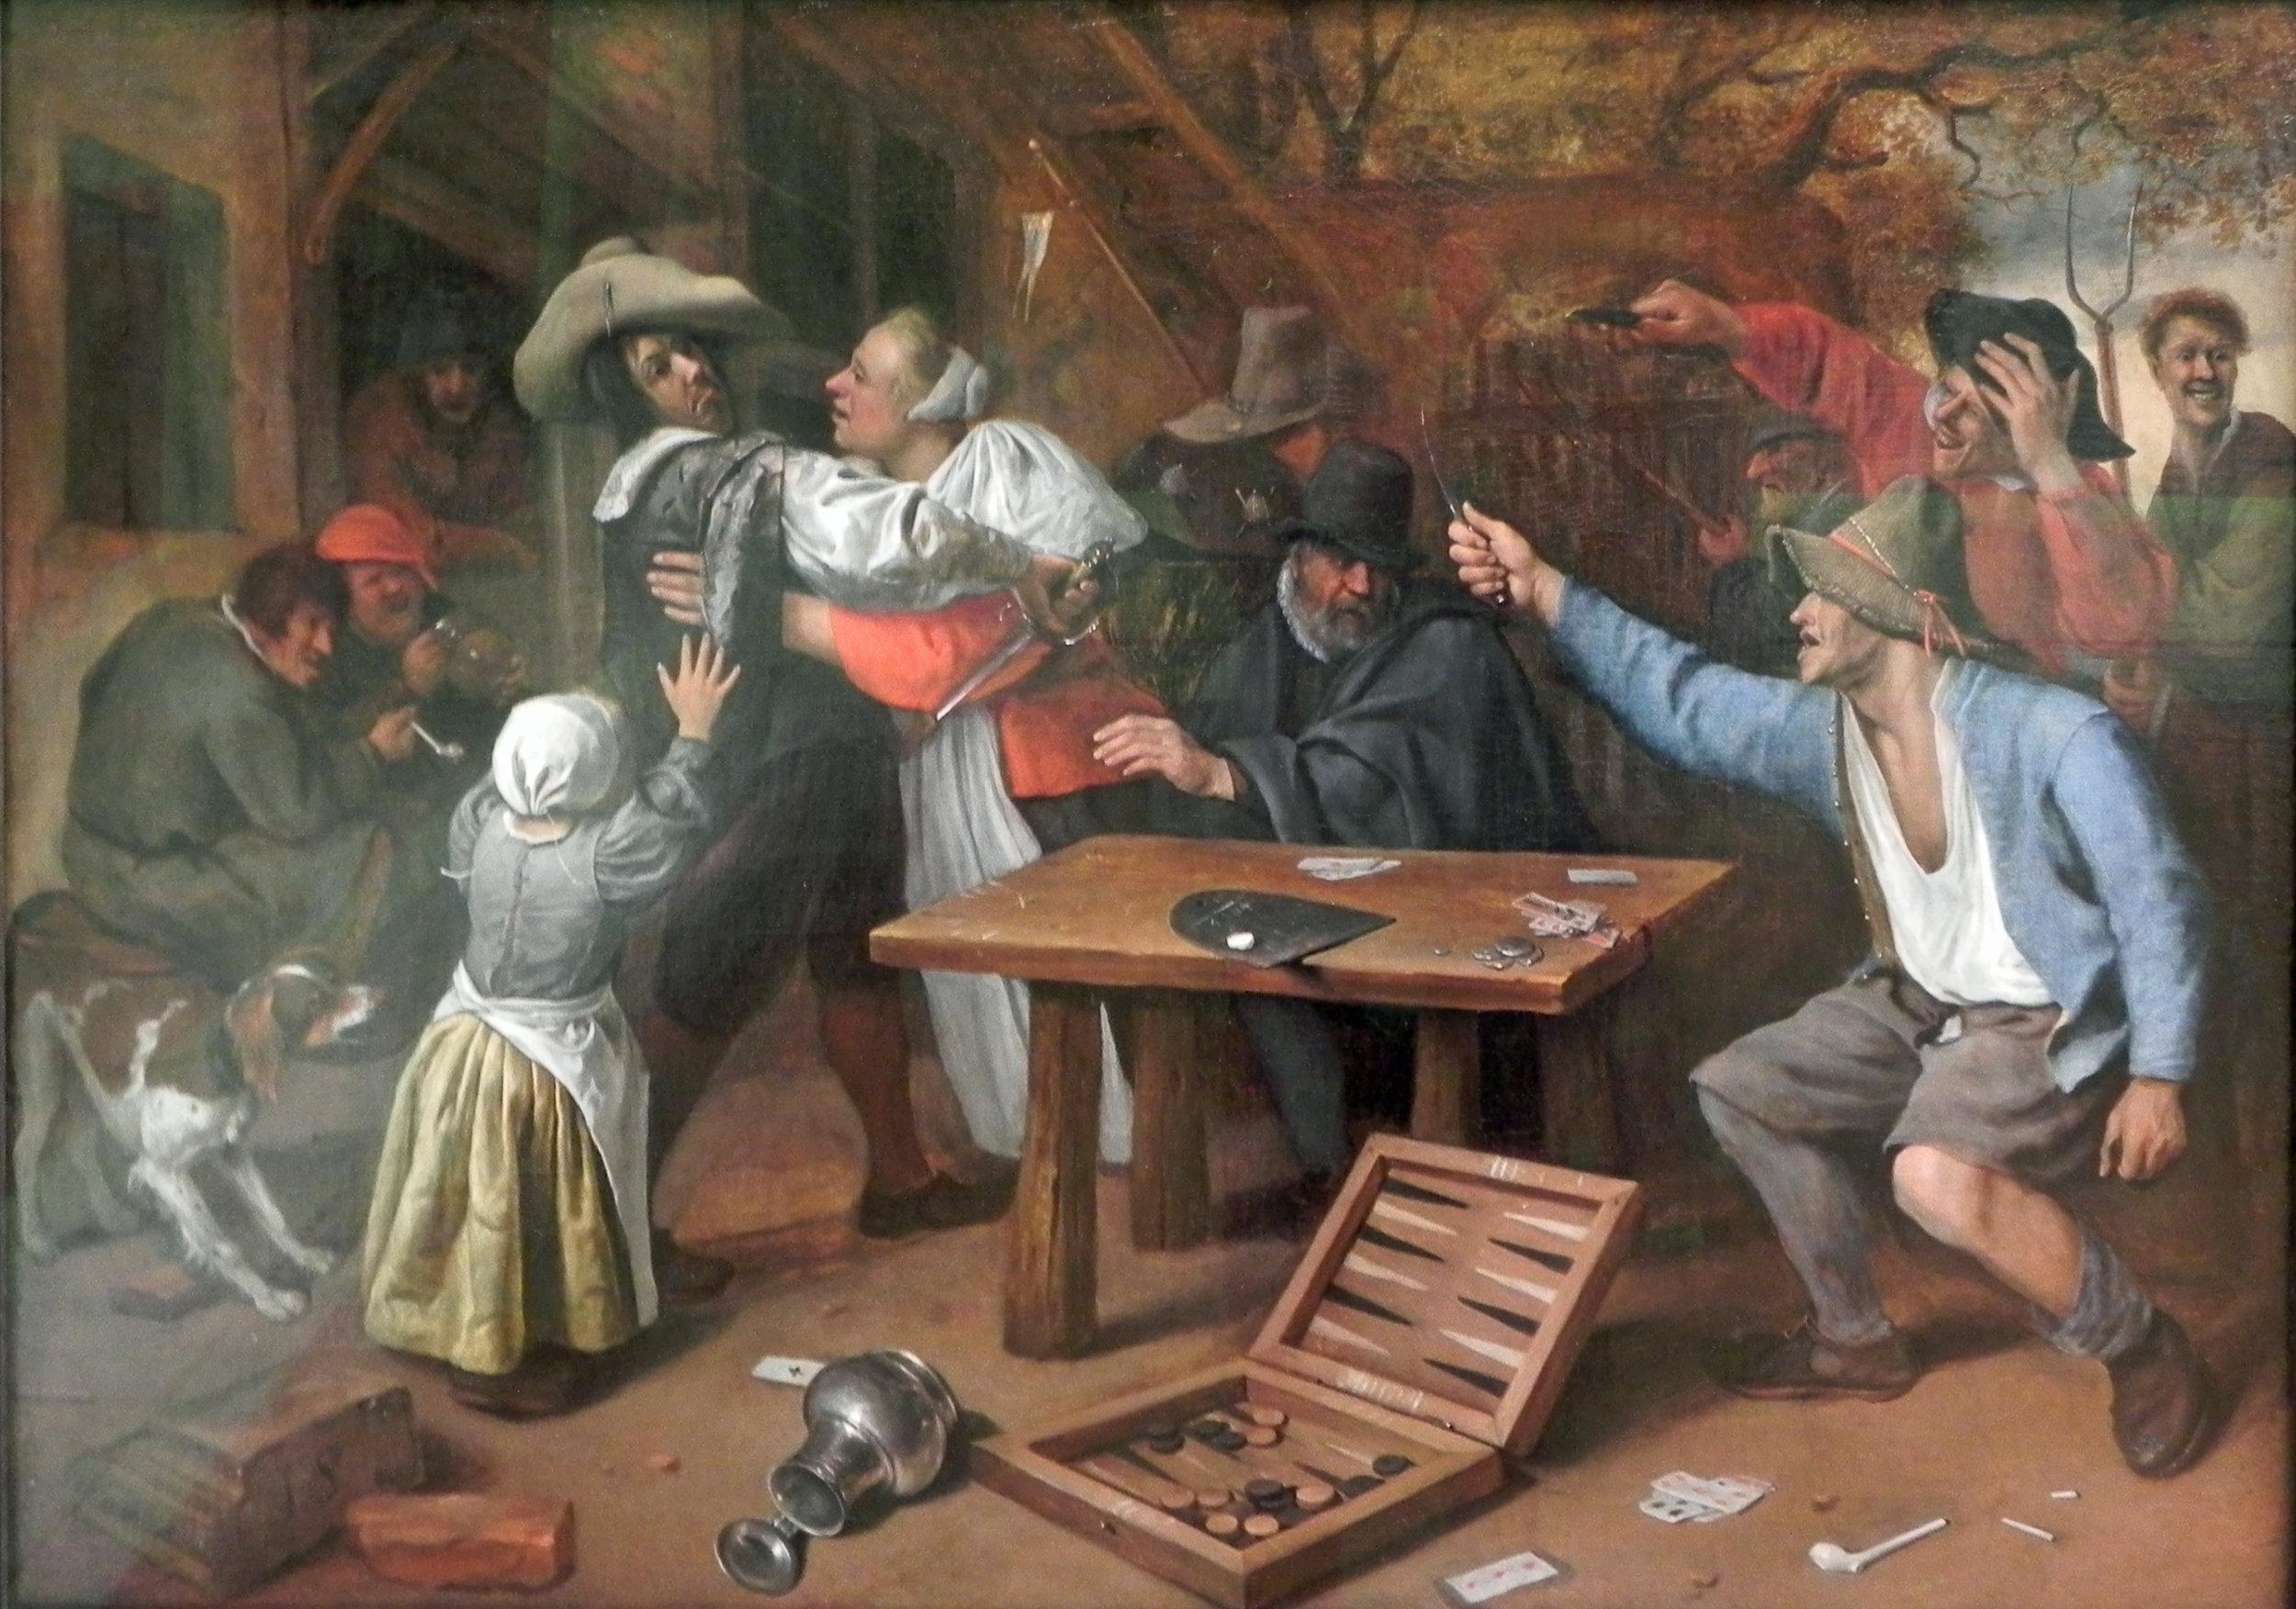 Jan_Steen_(10)Kartenspiel_Streit.JPG